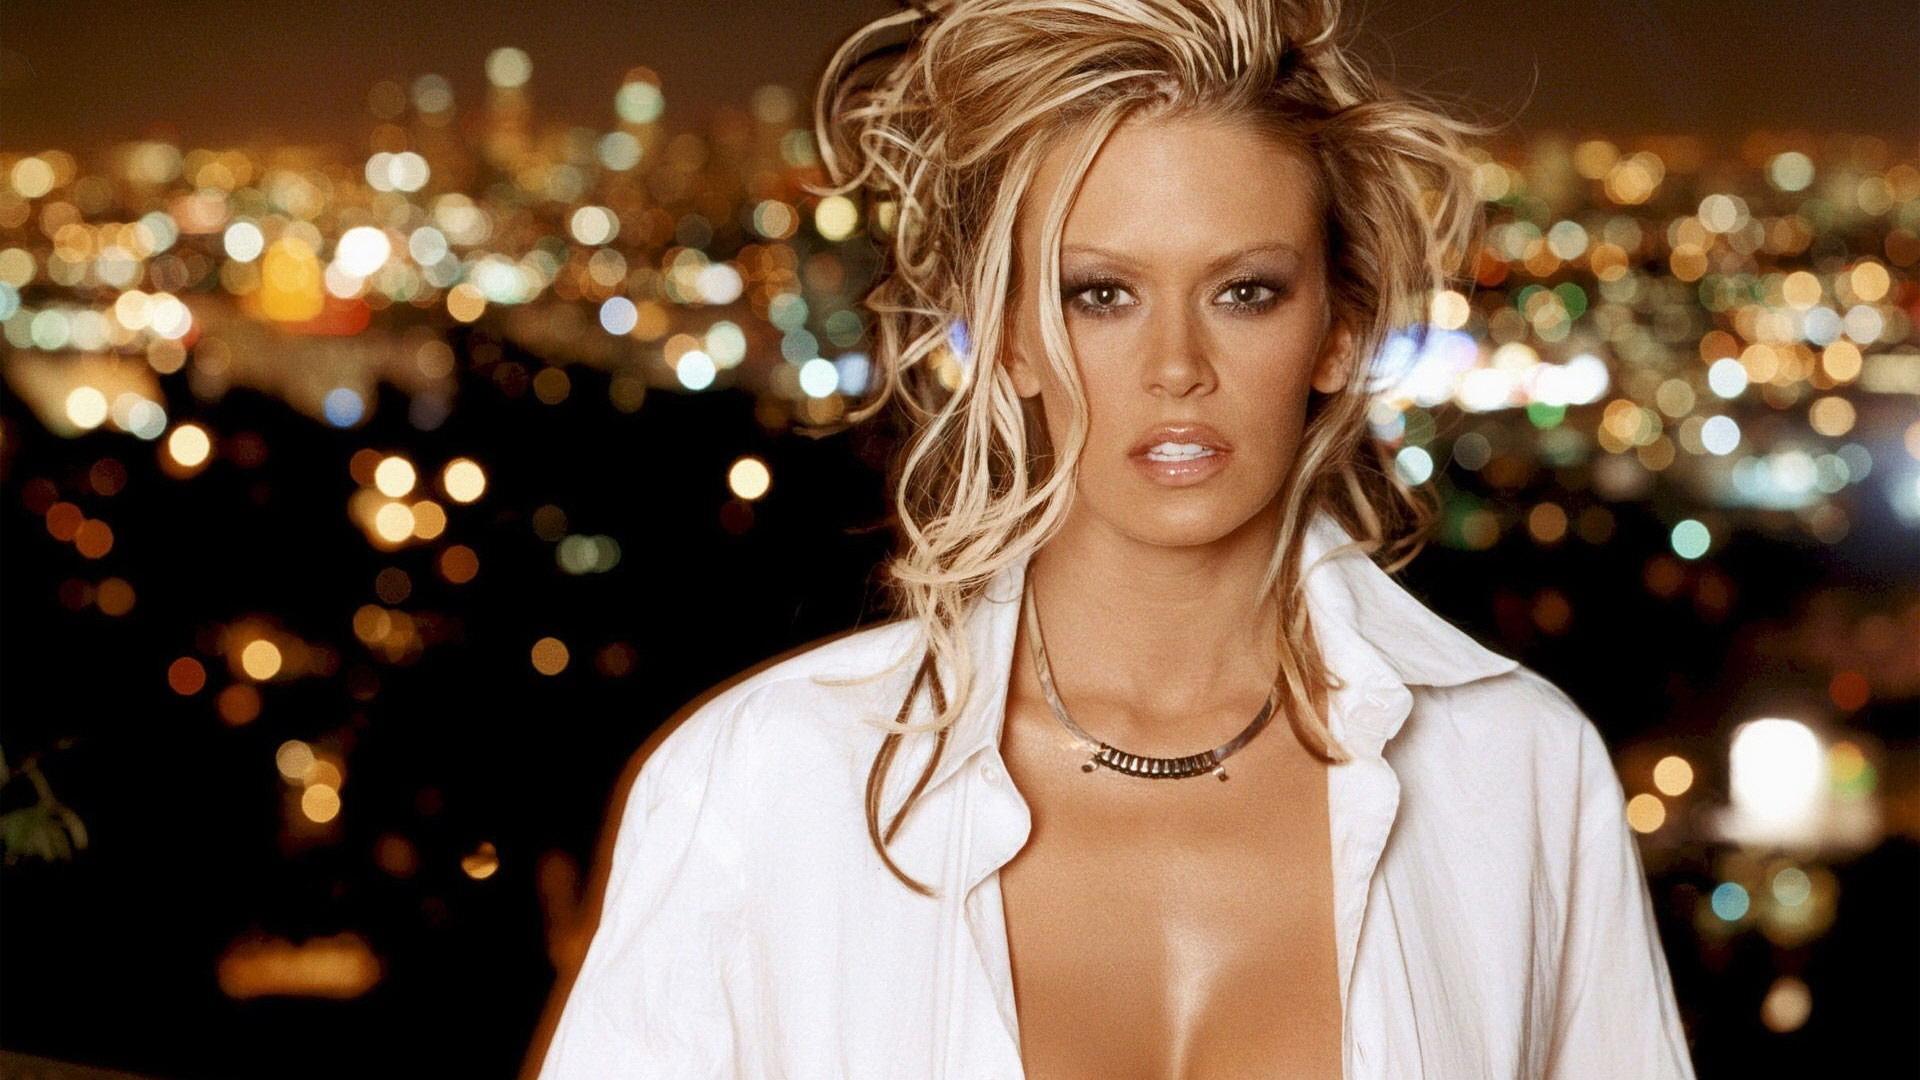 Actrices Porno 1996 jenna jameson, la mejor actriz porno de la historia